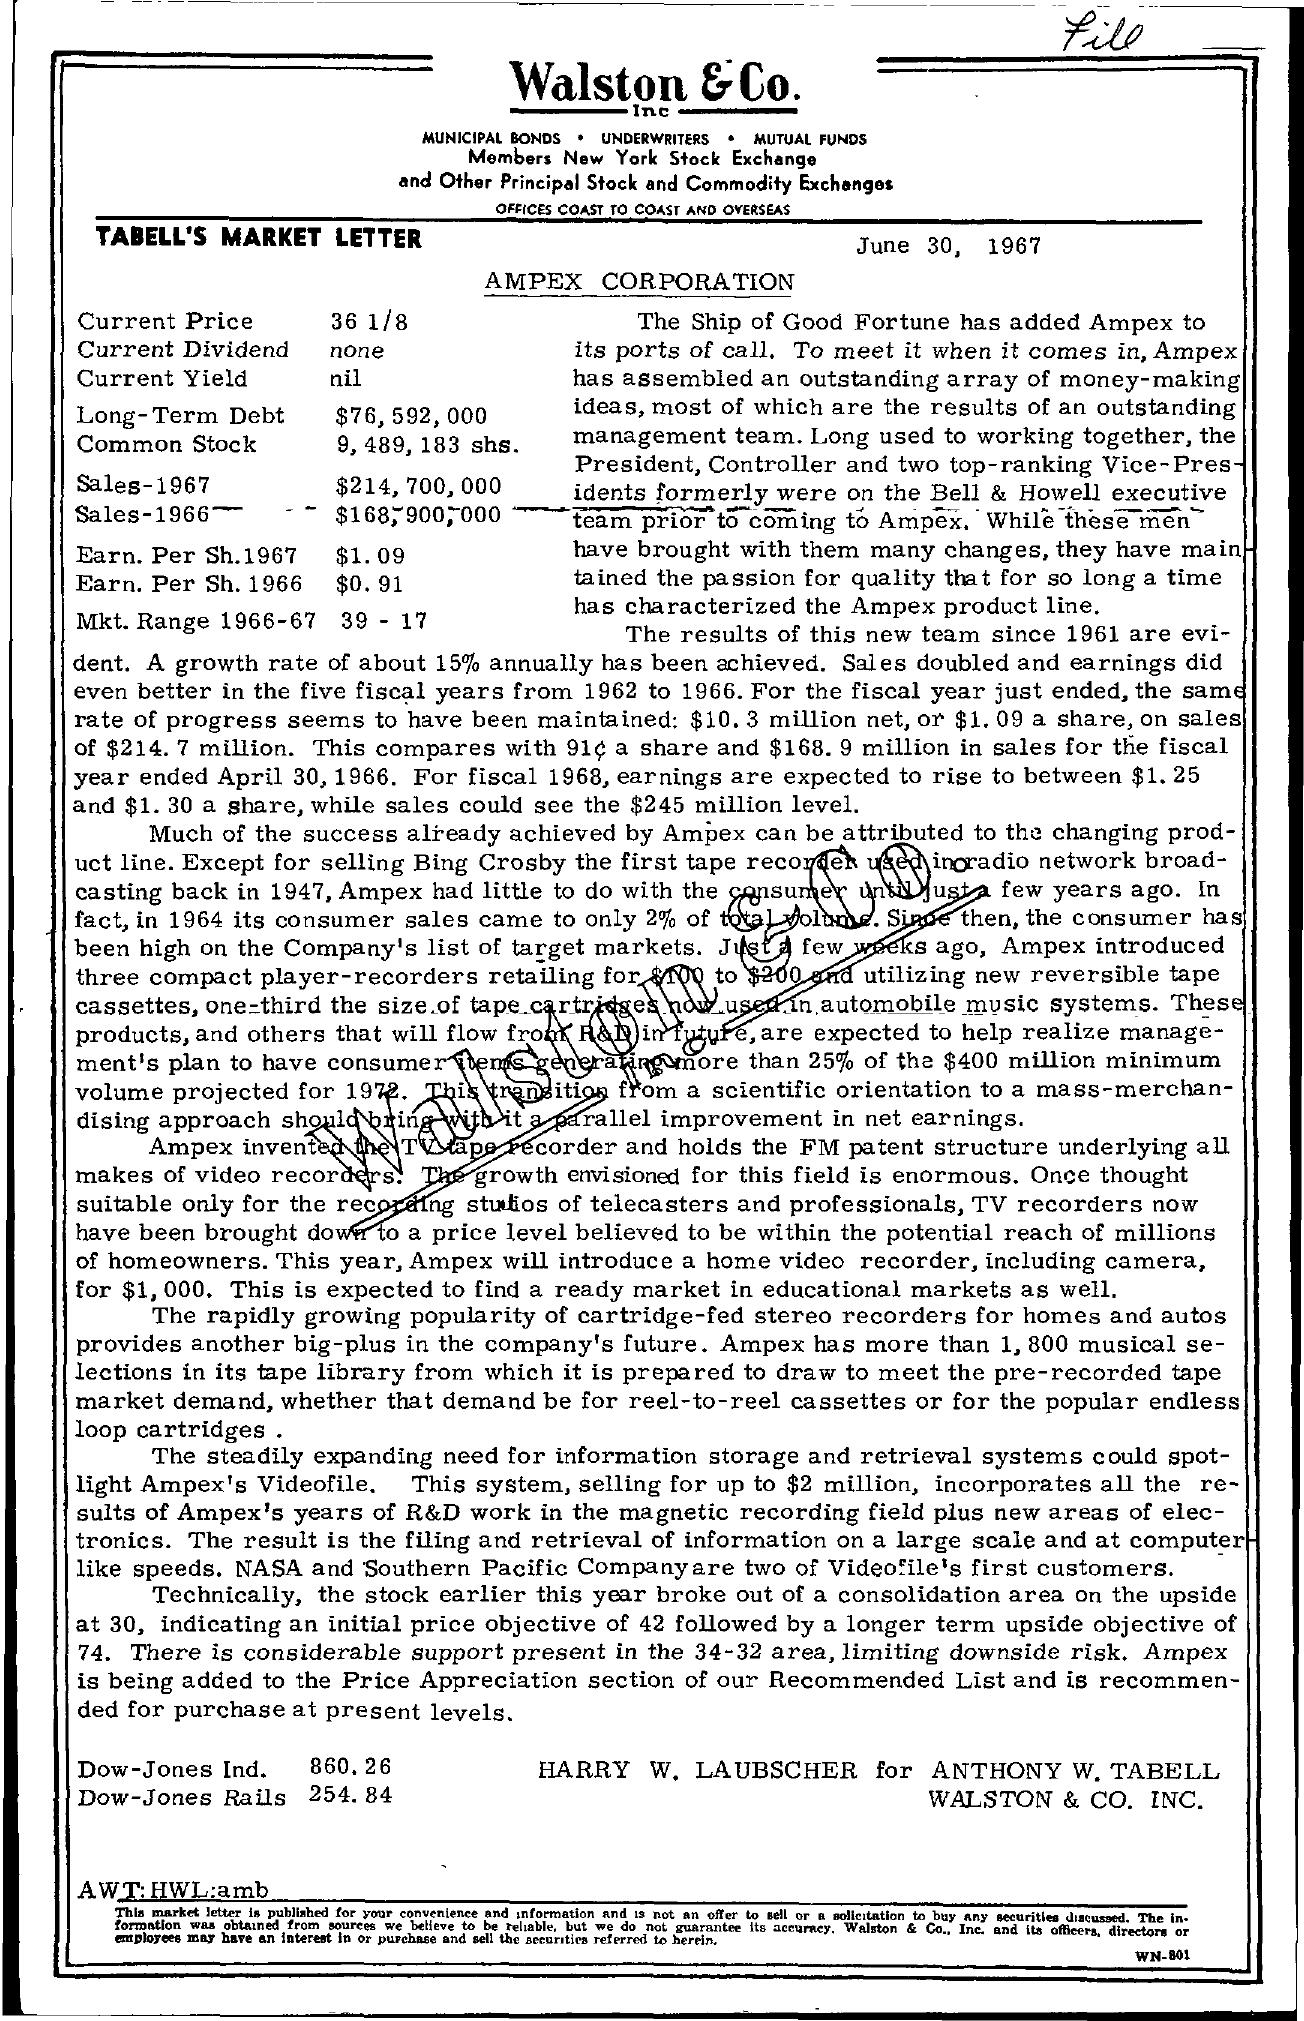 Tabell's Market Letter - June 30, 1967